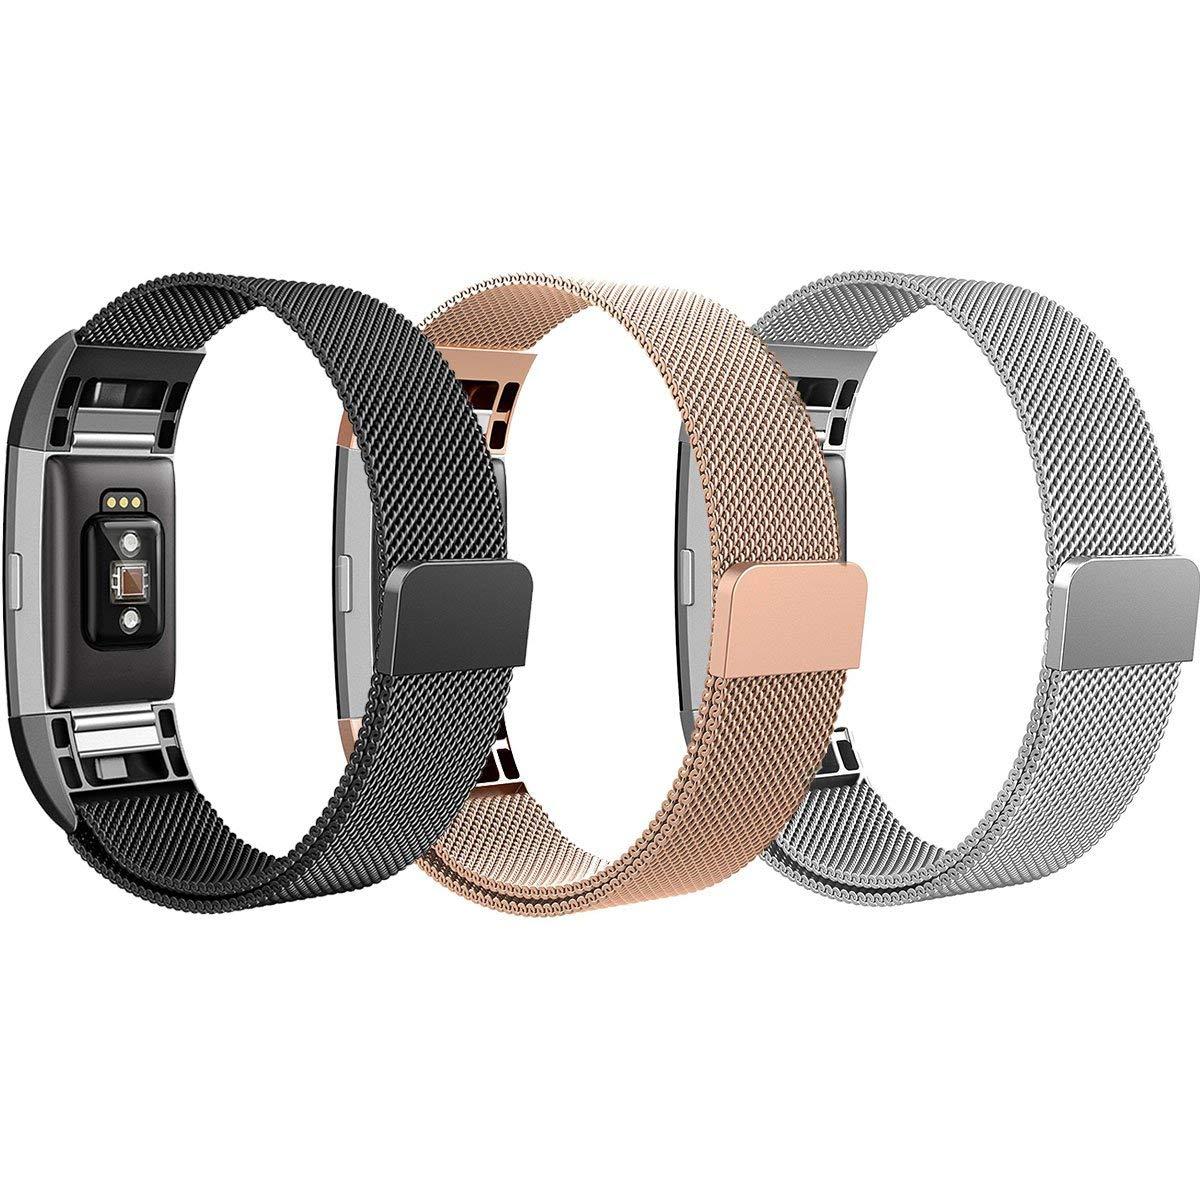 Fitbit Charge 2バンド、sailfar磁気クラスプメッシュループMilaneseステンレススチールメタルブレスレットストラップ/ウォッチバンドfor Fitbit Charge 2、スモール/大、メンズ/レディース WH-041-Charger2ML-S-Small-F  S B06XJTQKLG